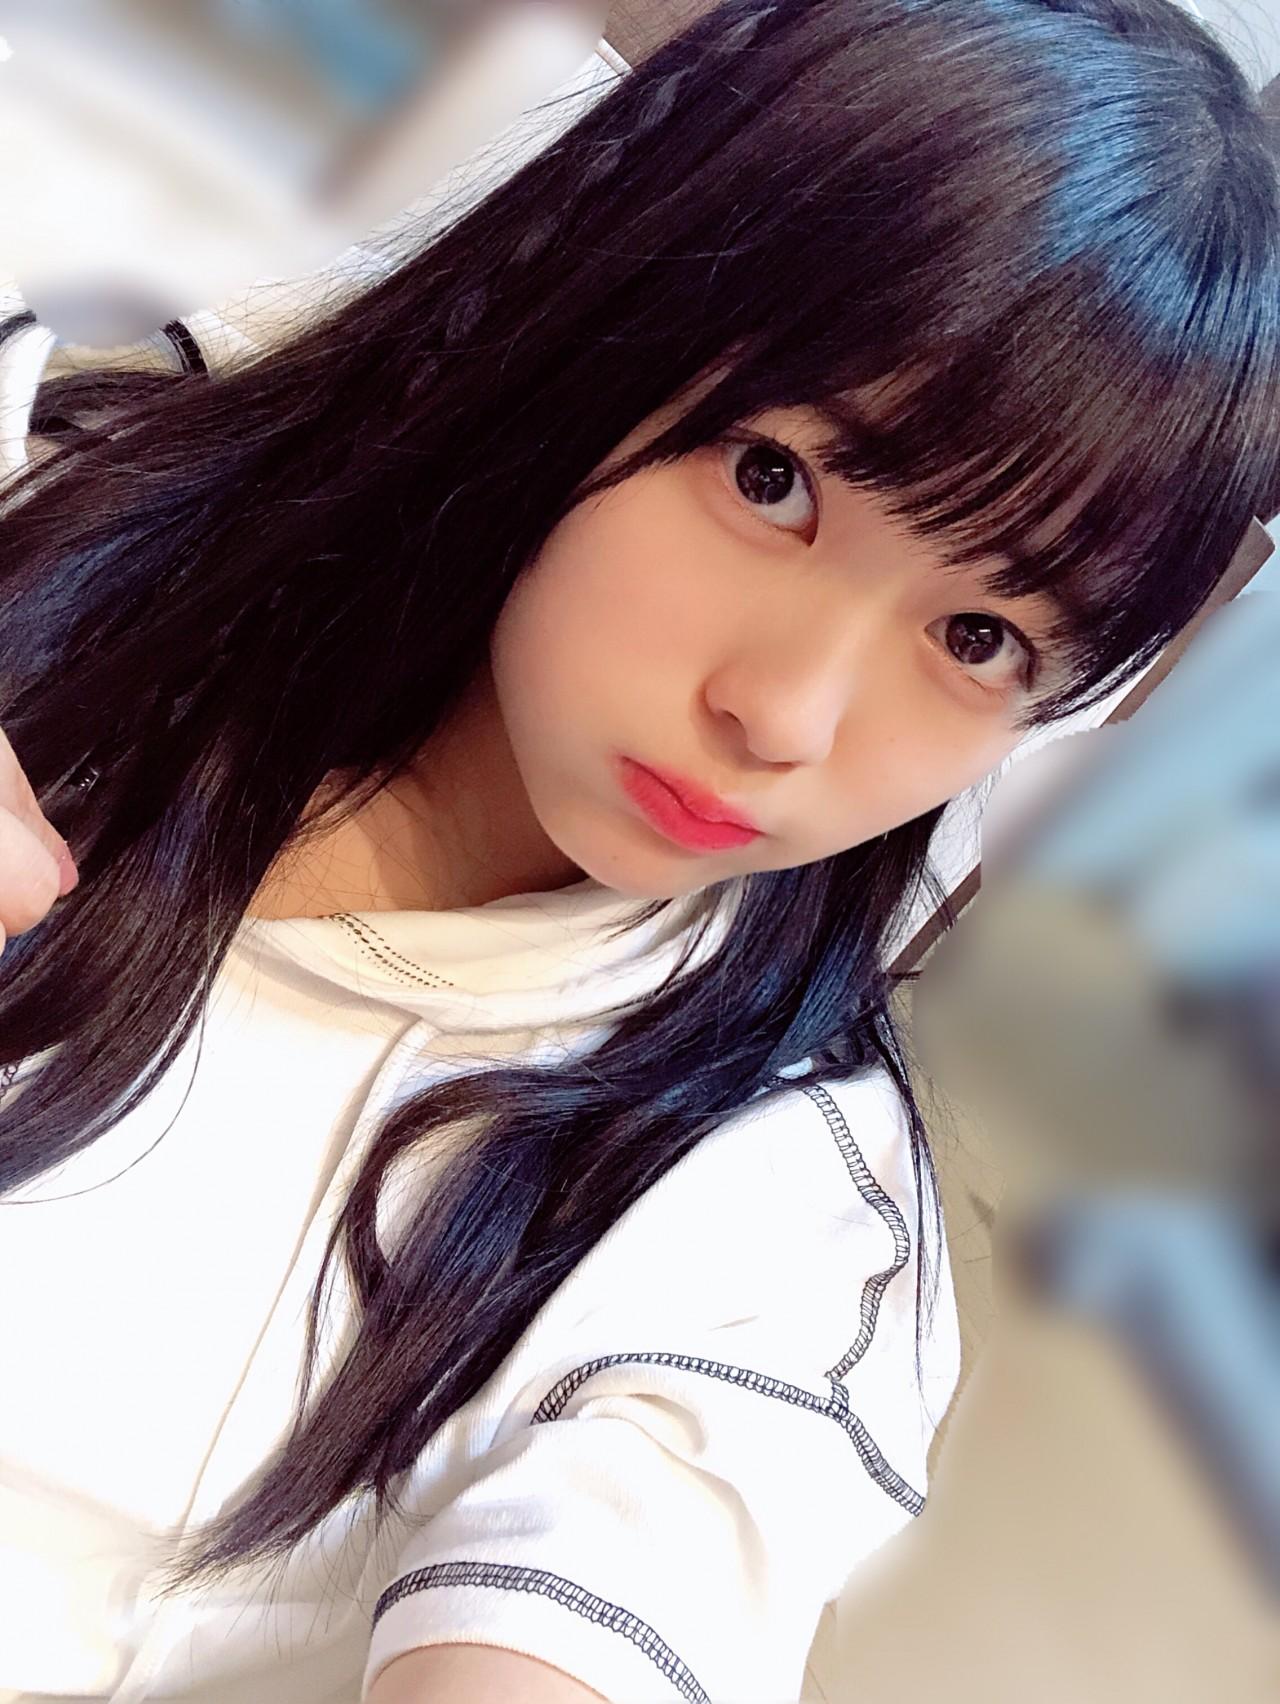 いこまちゃん卒業ライブ( ゚ω^ )ゝ 乙であります!